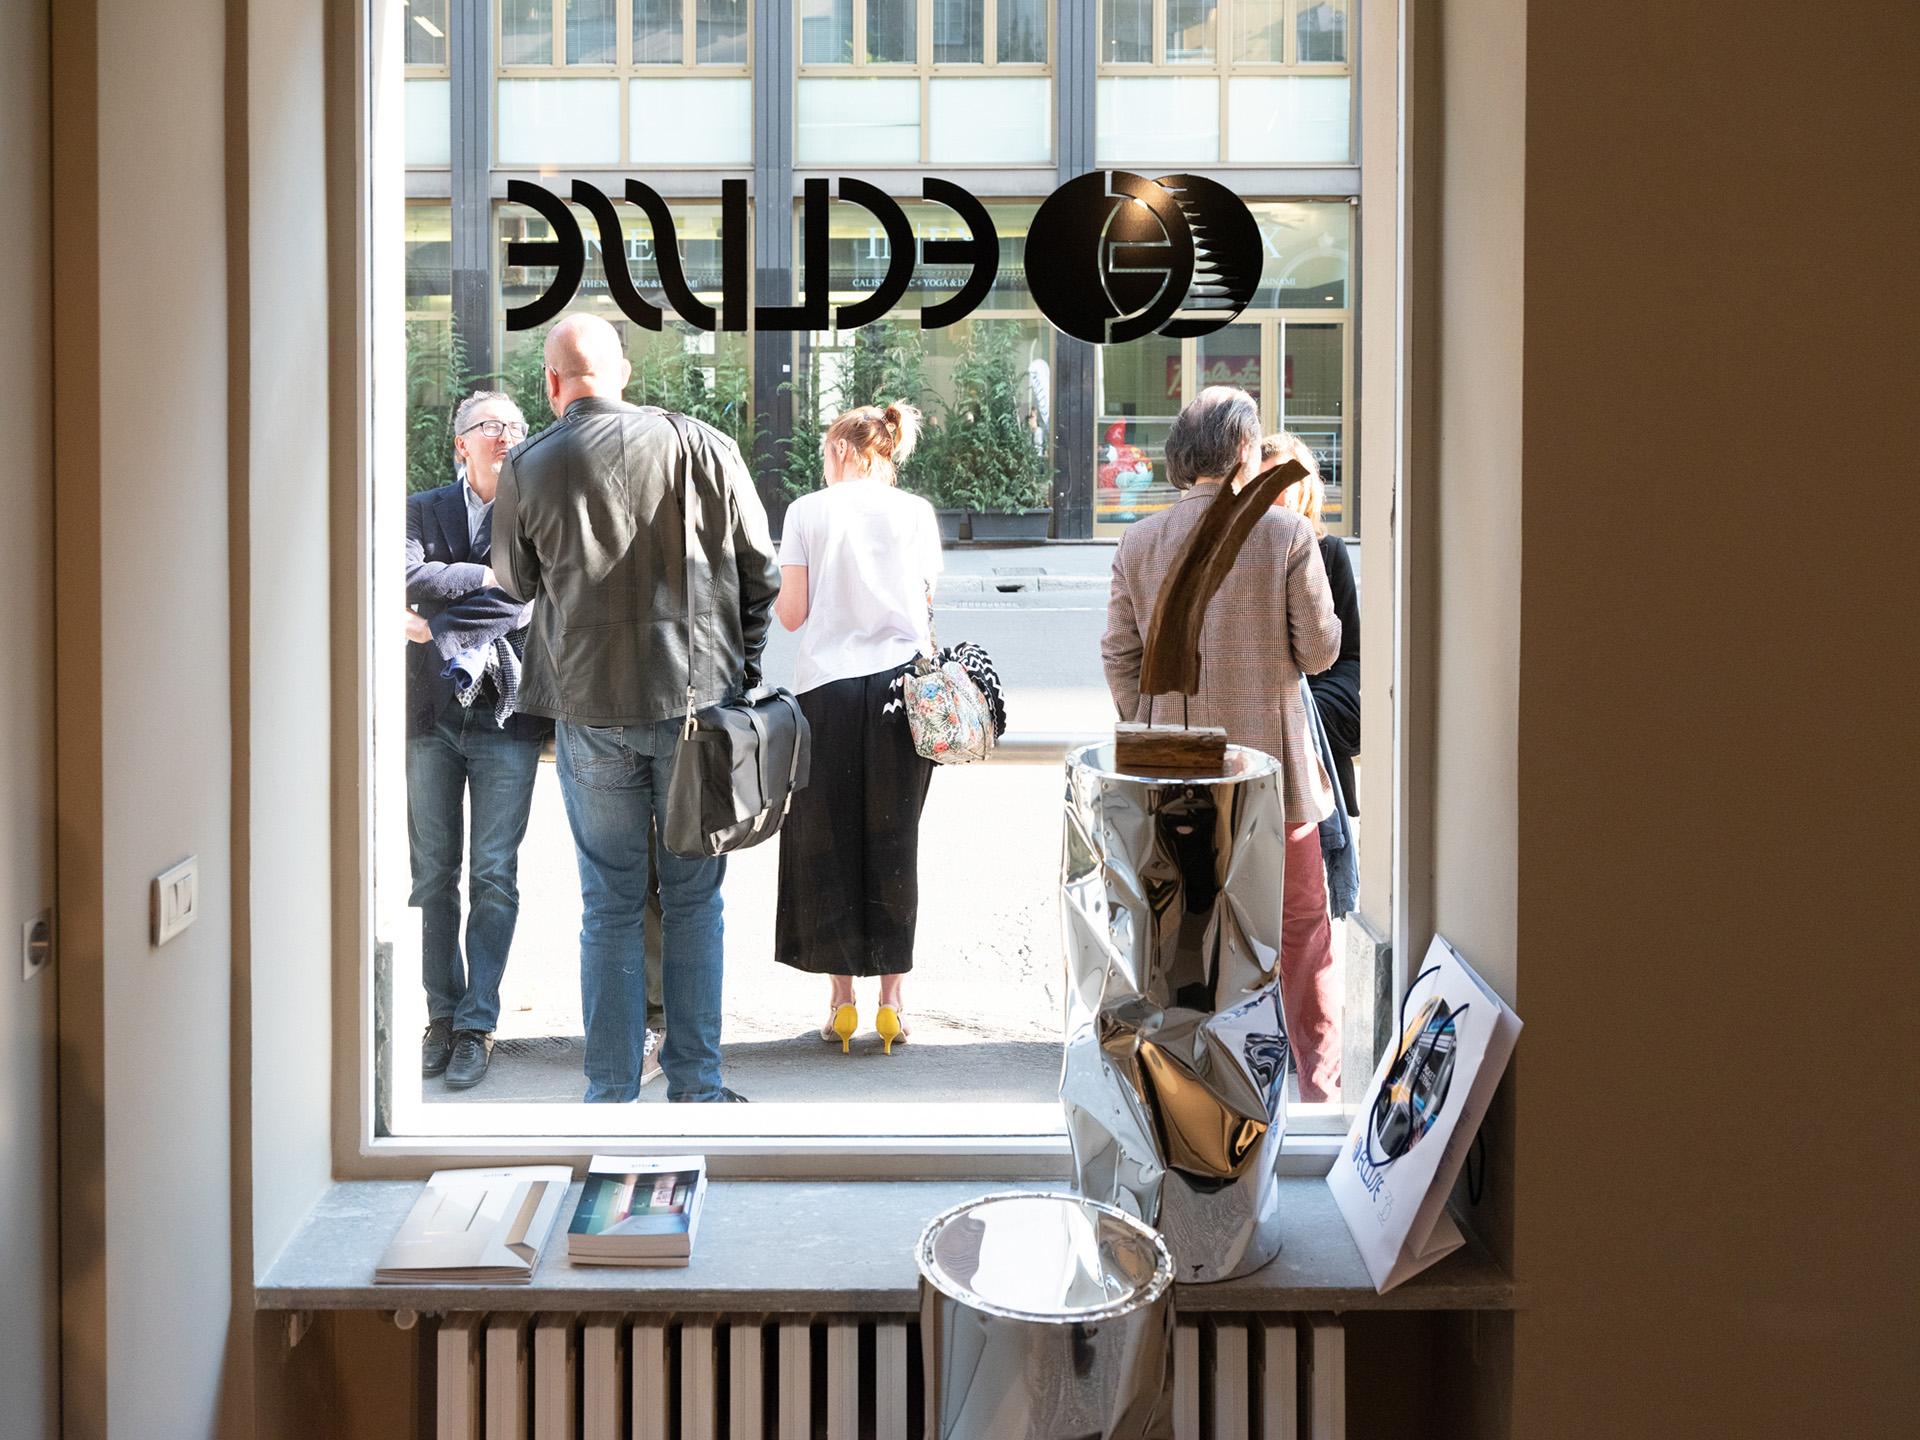 Press Day - via Molino delle Armi 2A Milano - lancio eclisse 40 collection. La vetrina